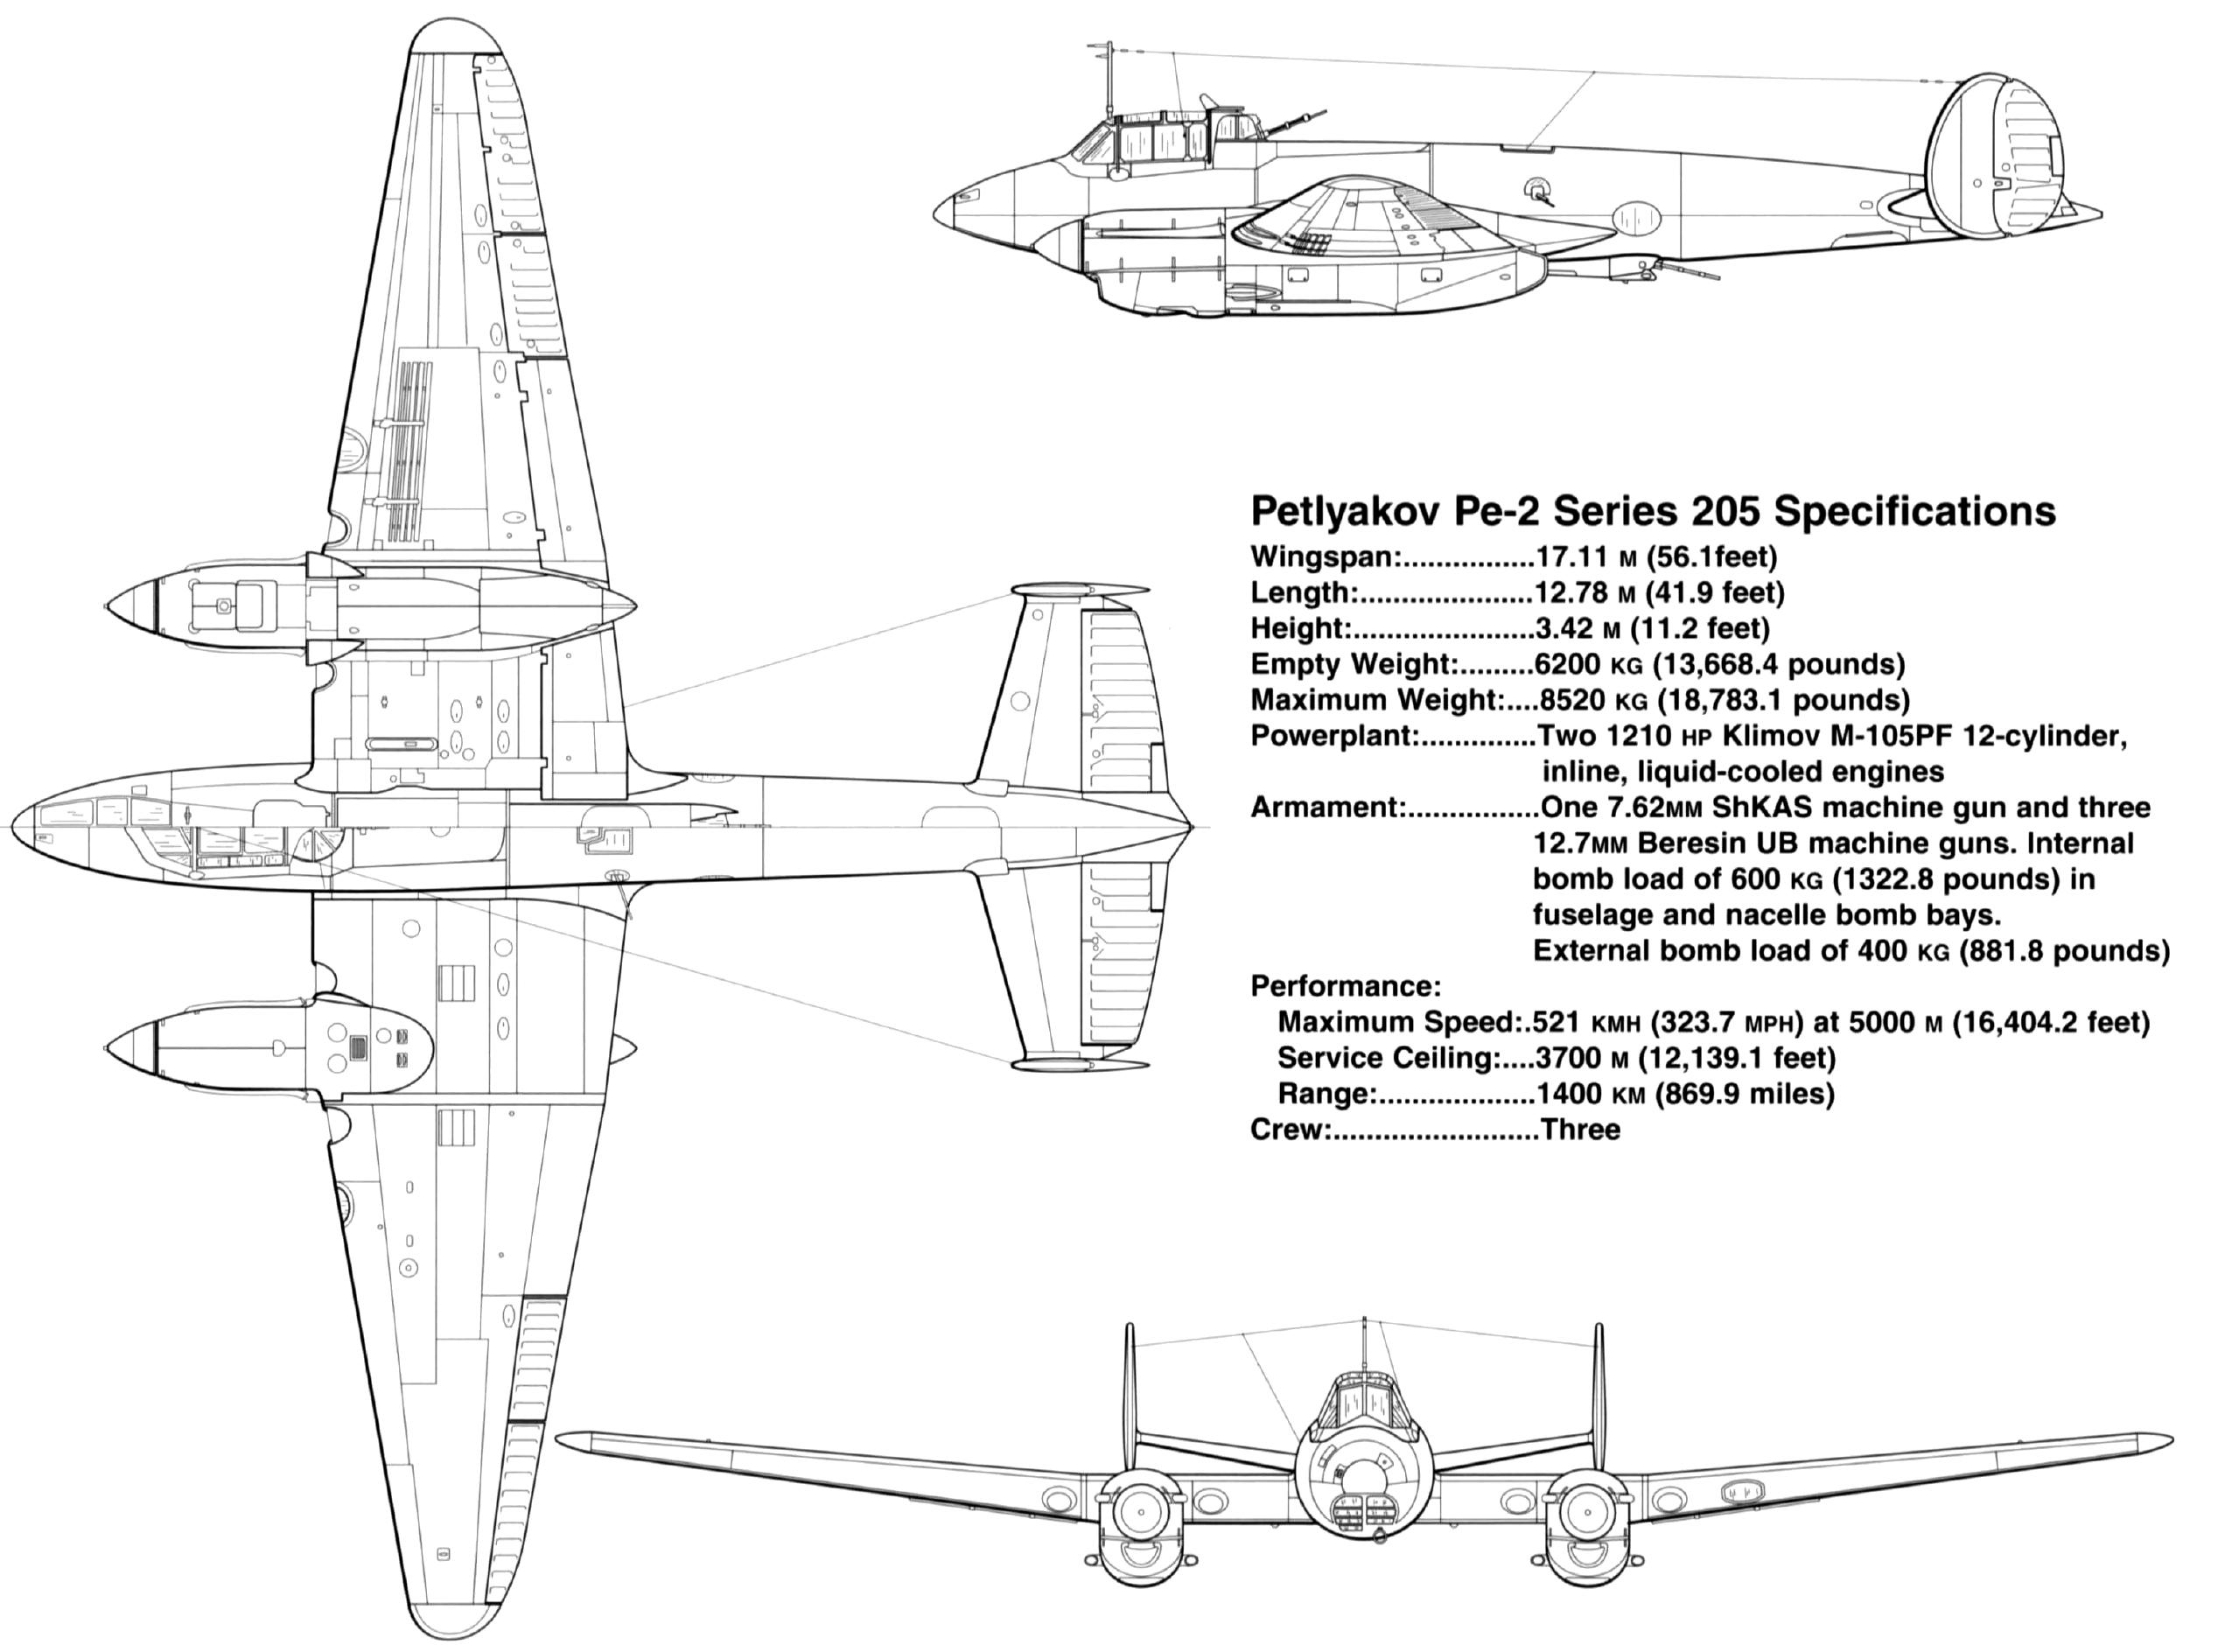 Petlyakov Pe 2 type 205 specifications profiles by Signal Petlyakov Pe 2 SS1181 page P28